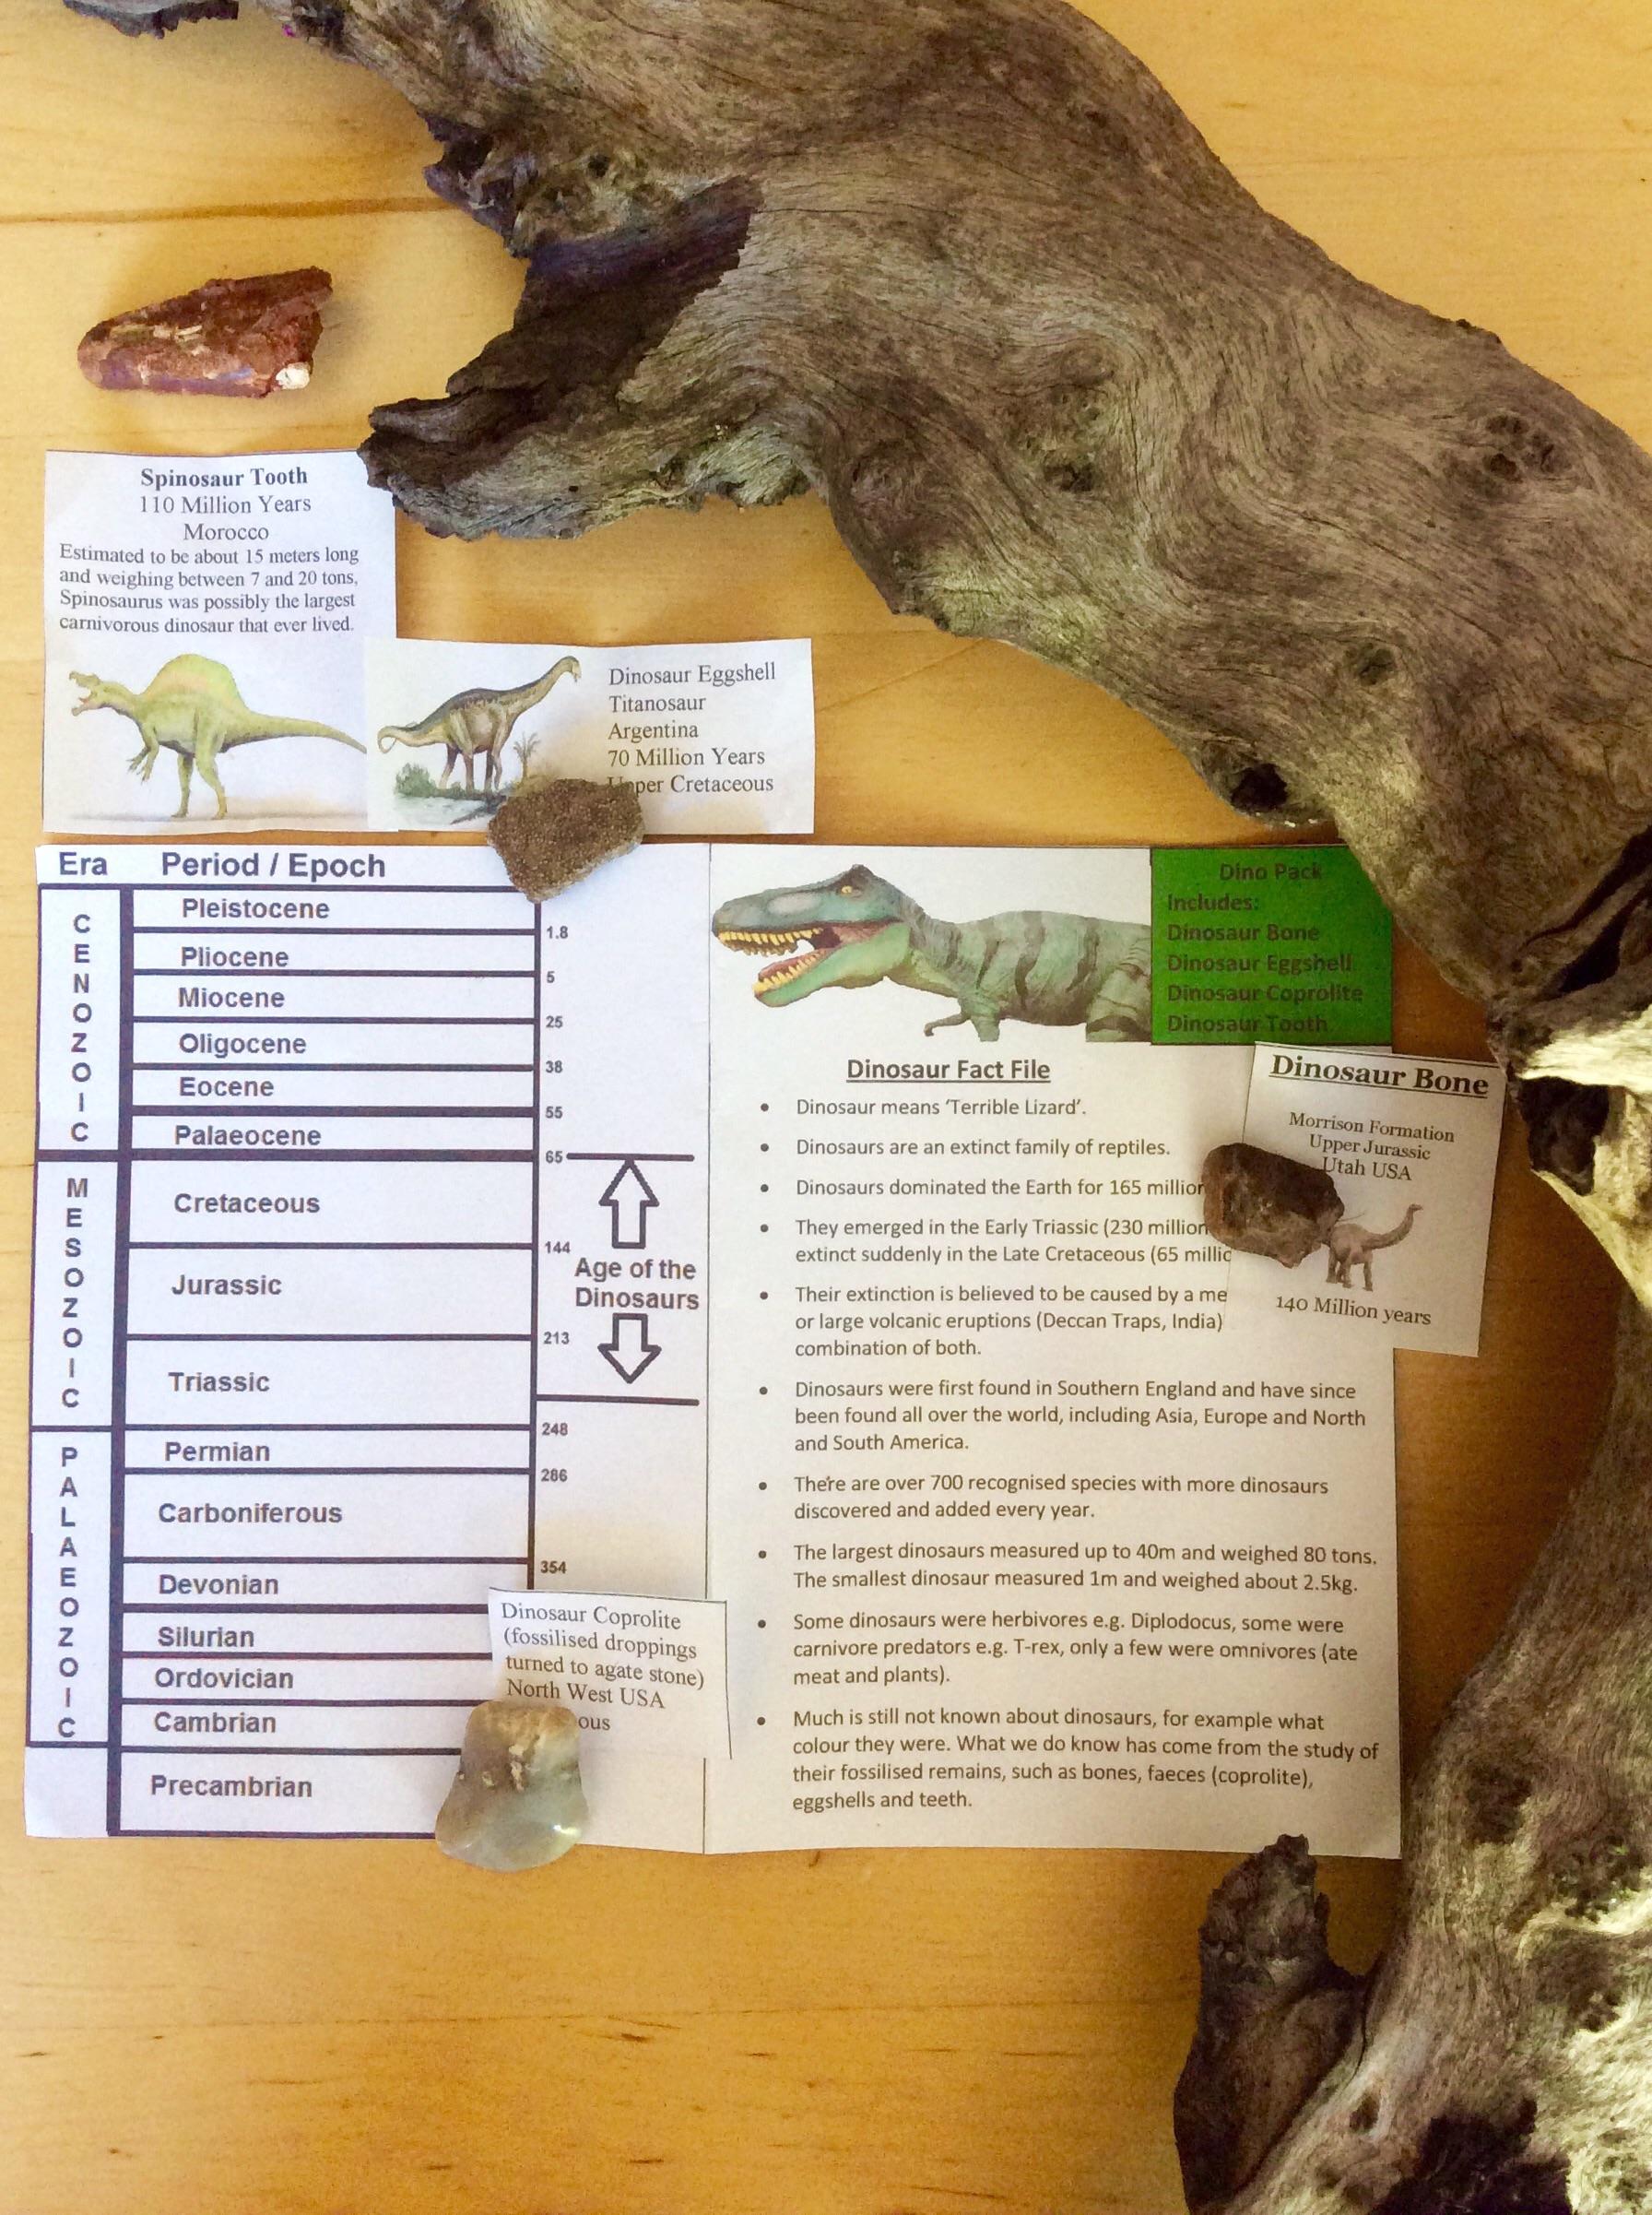 Dinosaur Tooth & Dinosaur Fossils